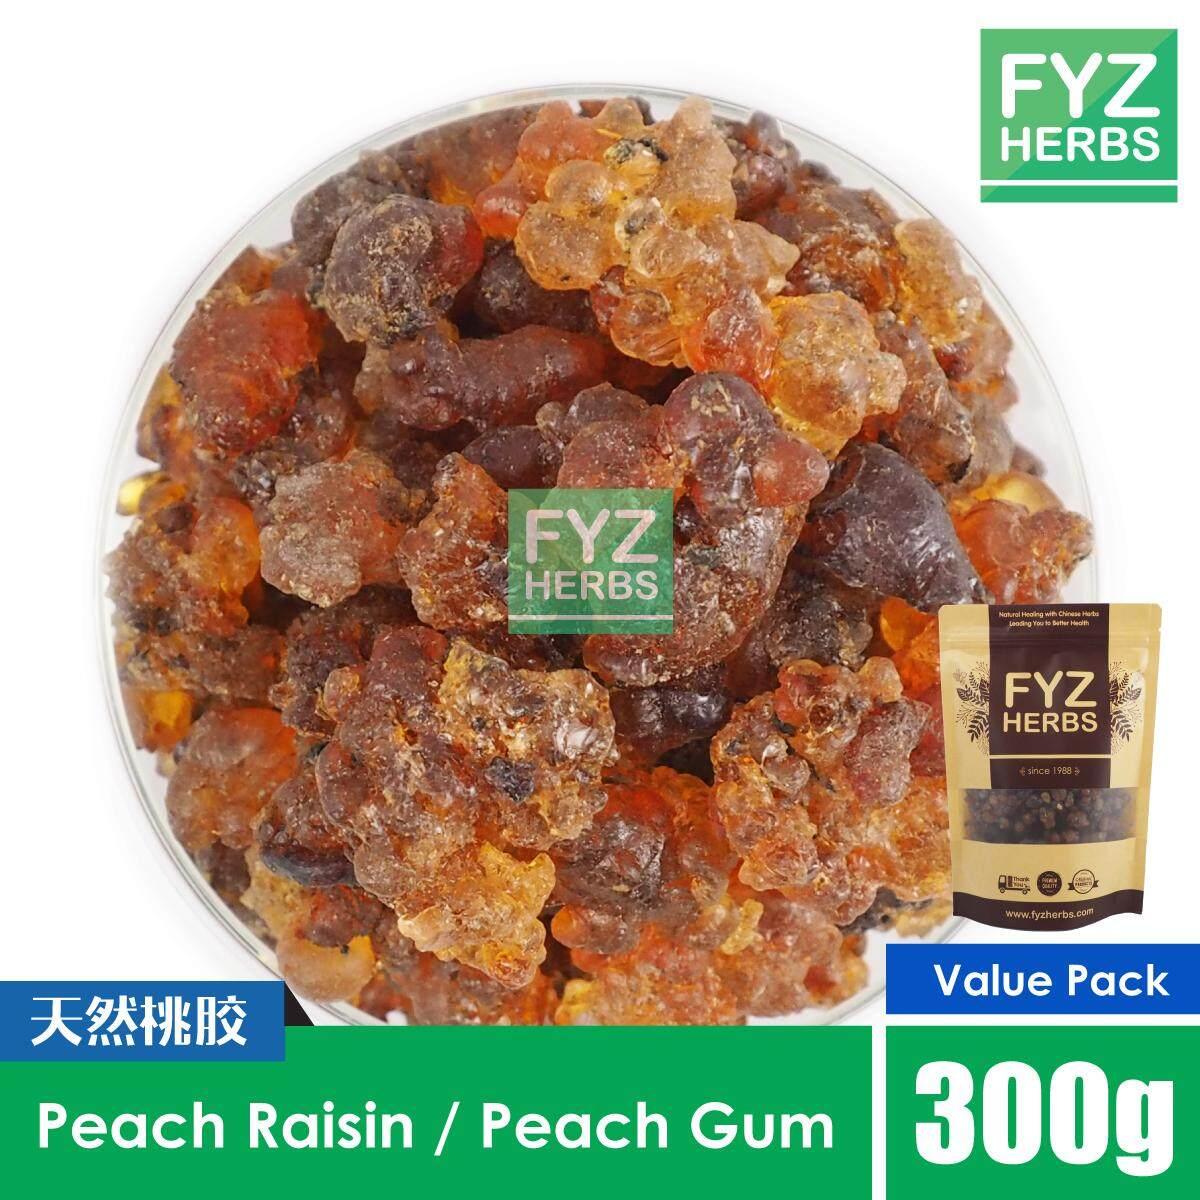 FYZ Herbs Peach Raisin / Peach Gum 300g [Value Pack] 天然桃胶袋装 300g